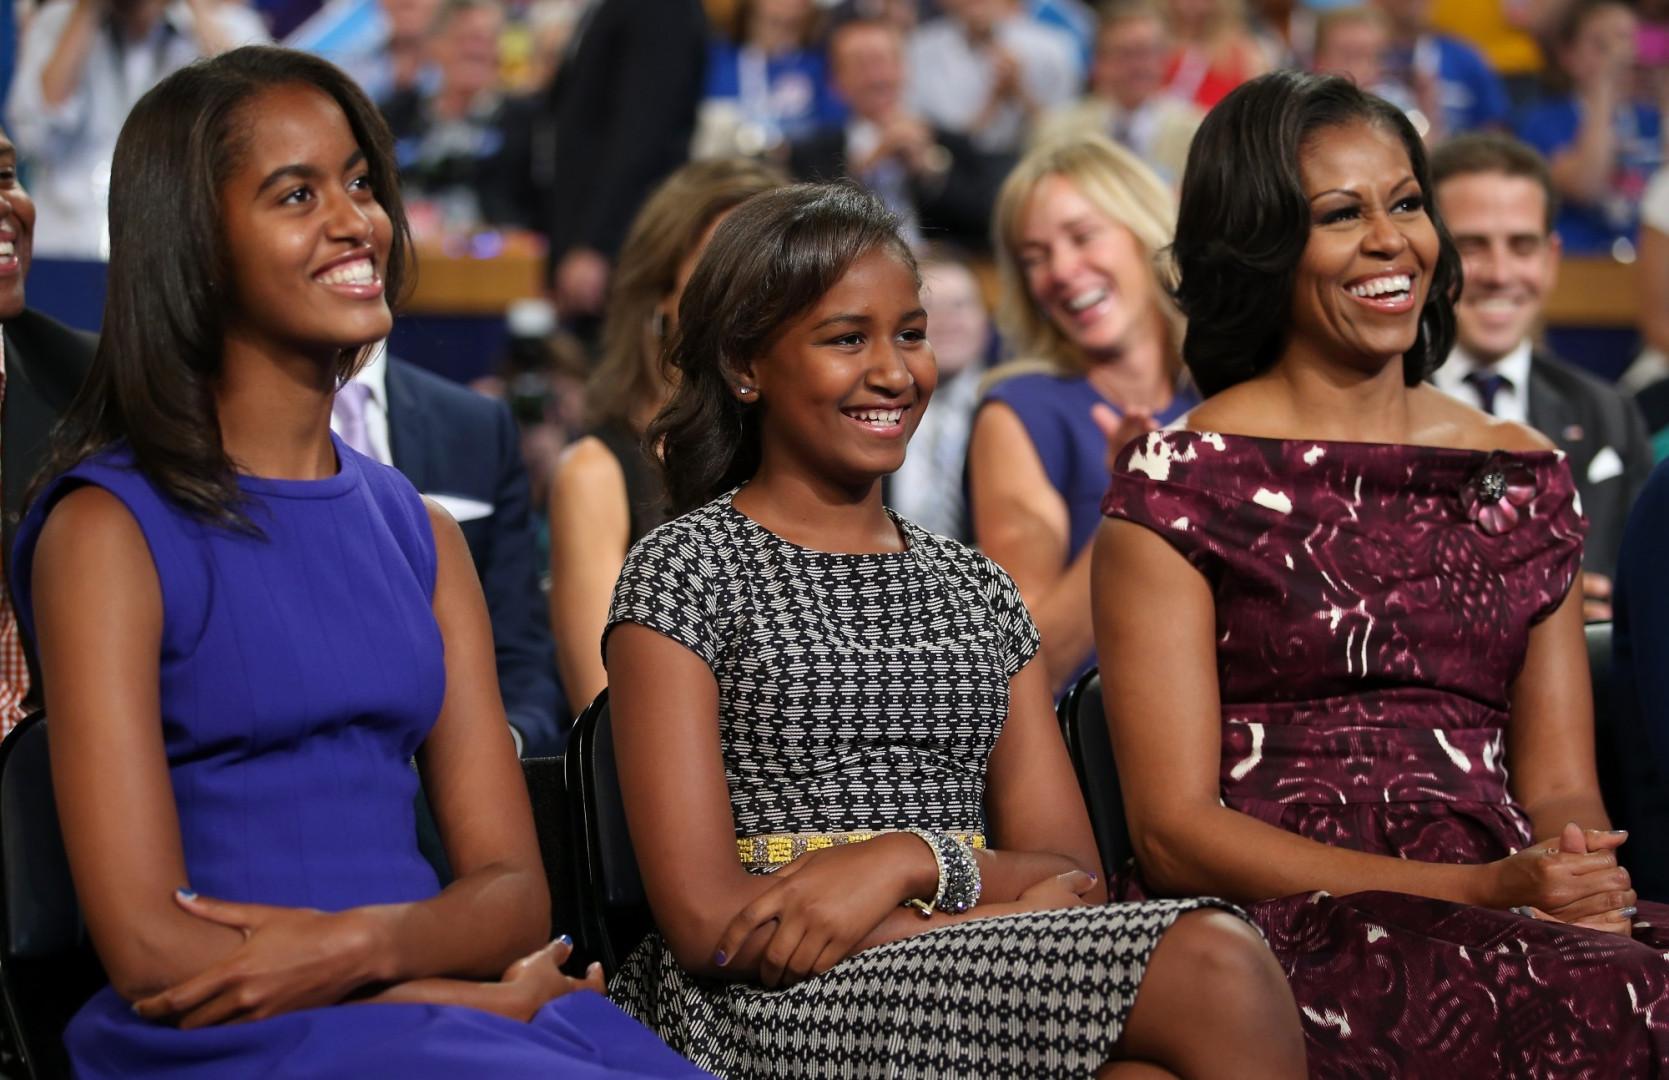 Fin d'un mandat pour Barack Obama : en 2012, une nouvelle campagne s'ouvre. Sasha et Malia, 11 et 14 ans, sont désormais très attentives lors des discours de leur père.